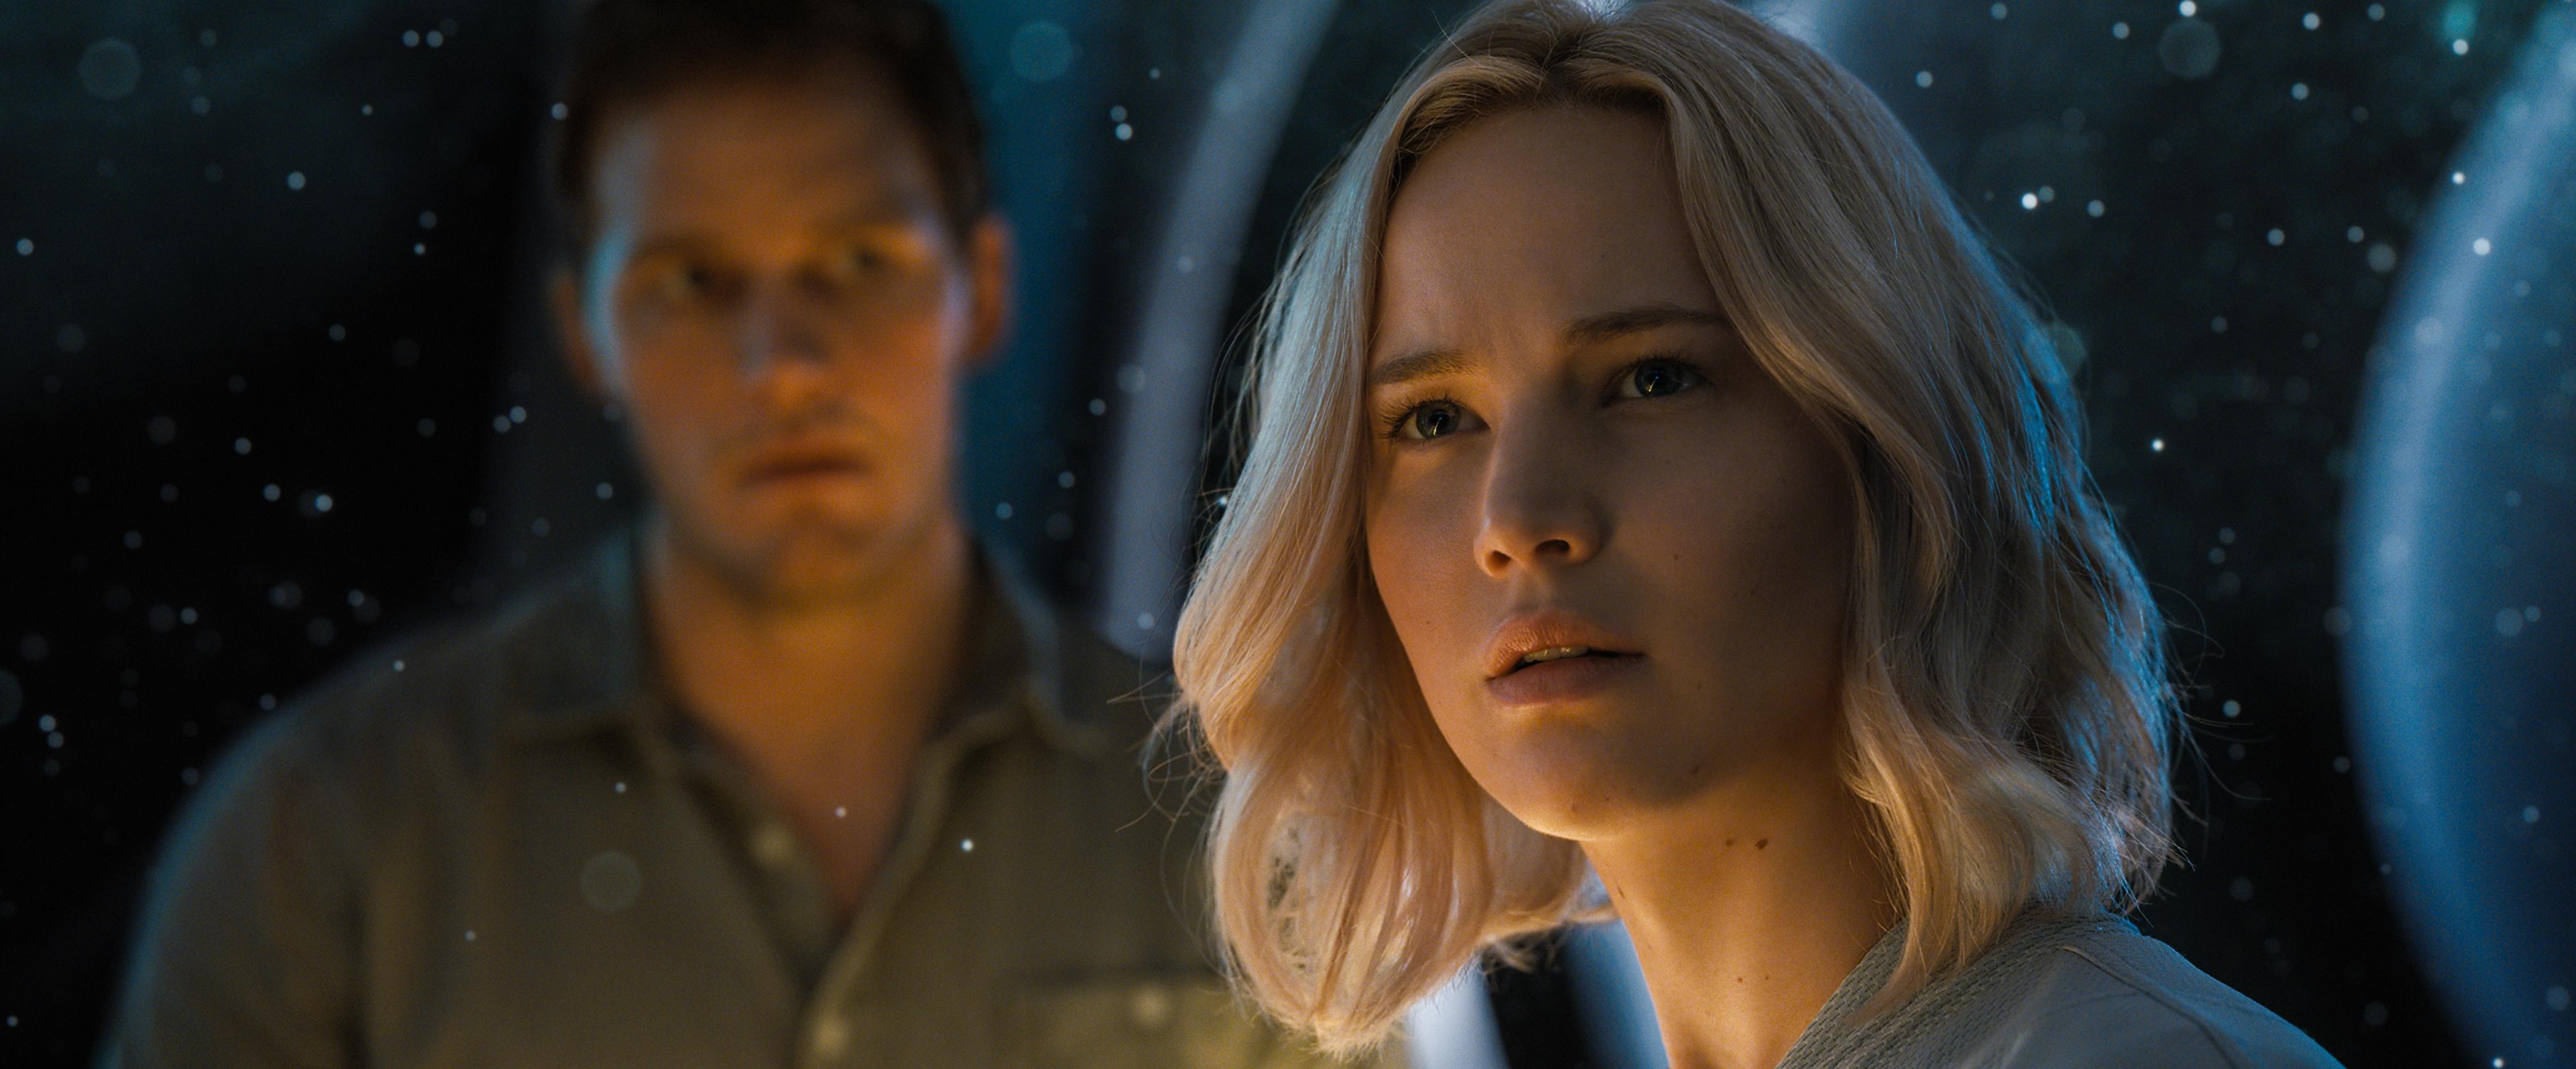 Jennifer Lawrence - Passengers.jpeg